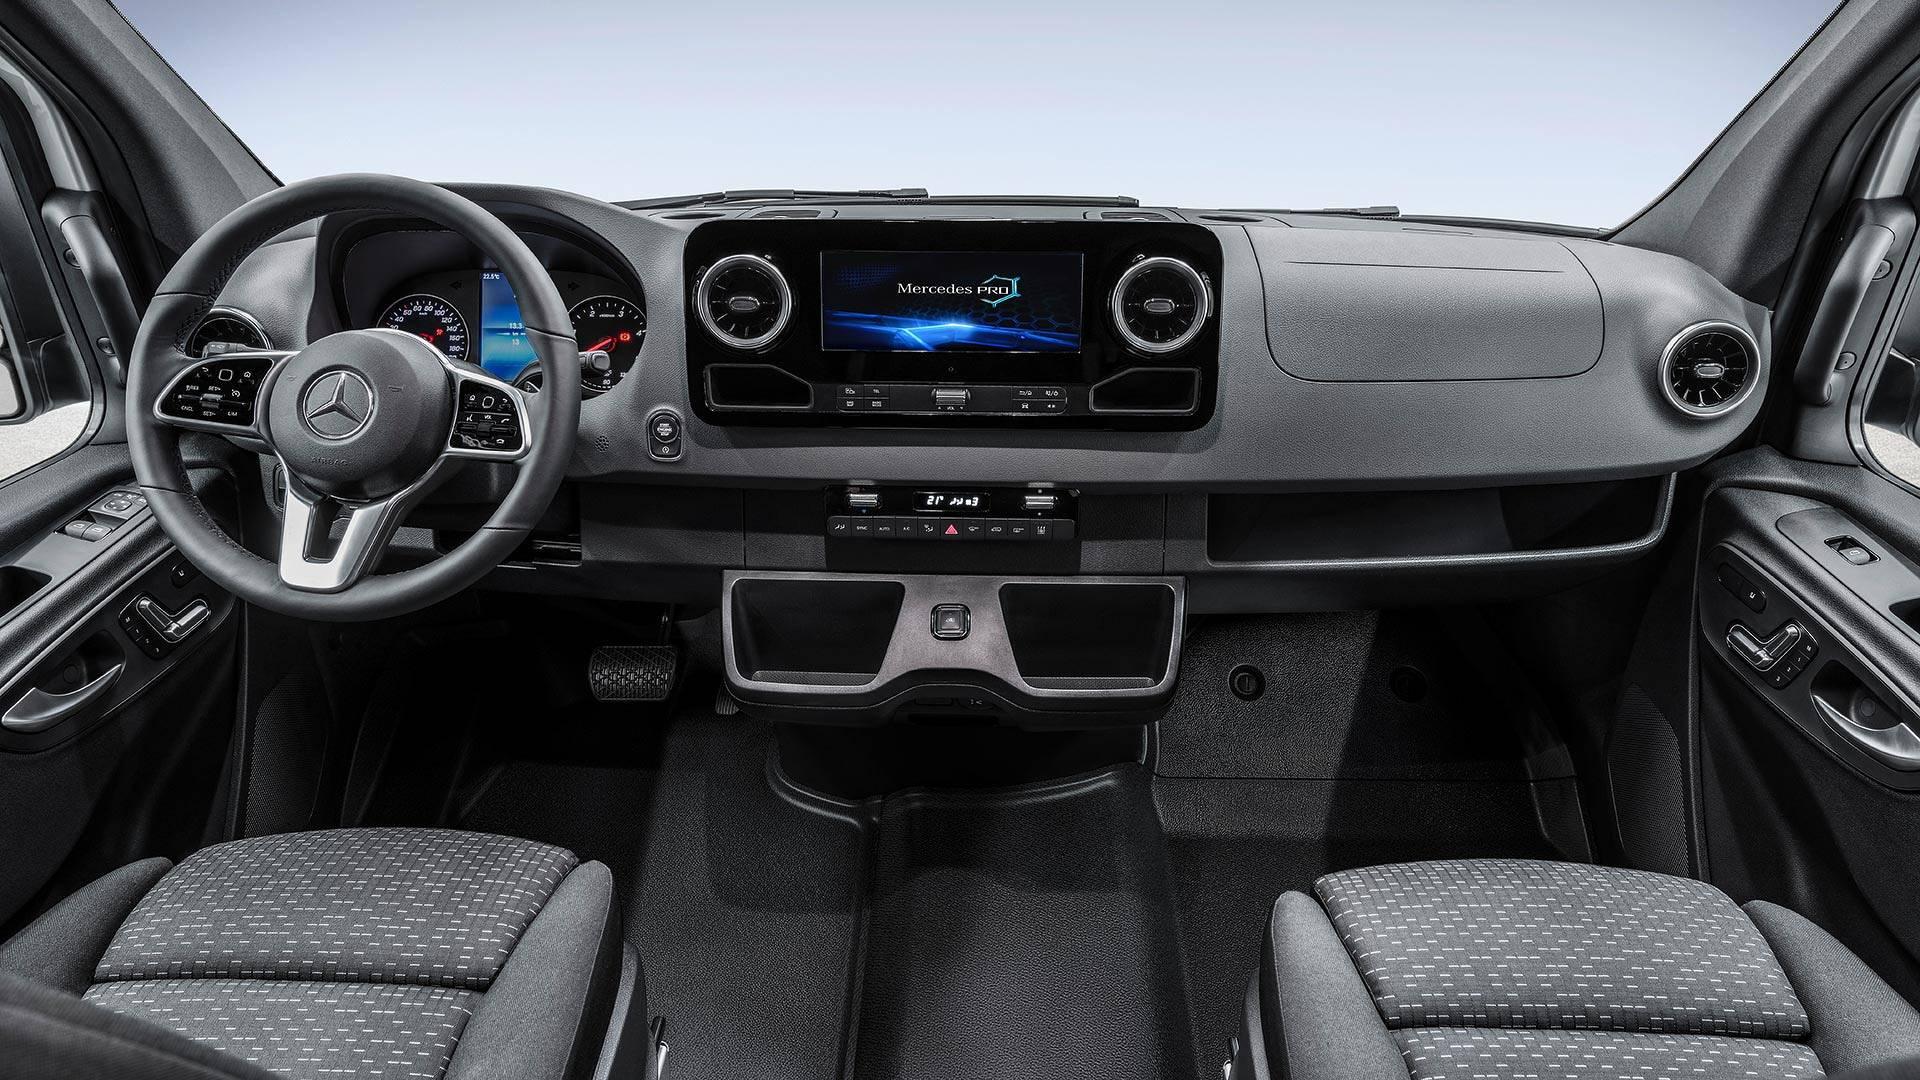 https://cdn.motor1.com/images/mgl/k1b3e/s1/mercedes-benz-sprinter-interior-teaser.jpg